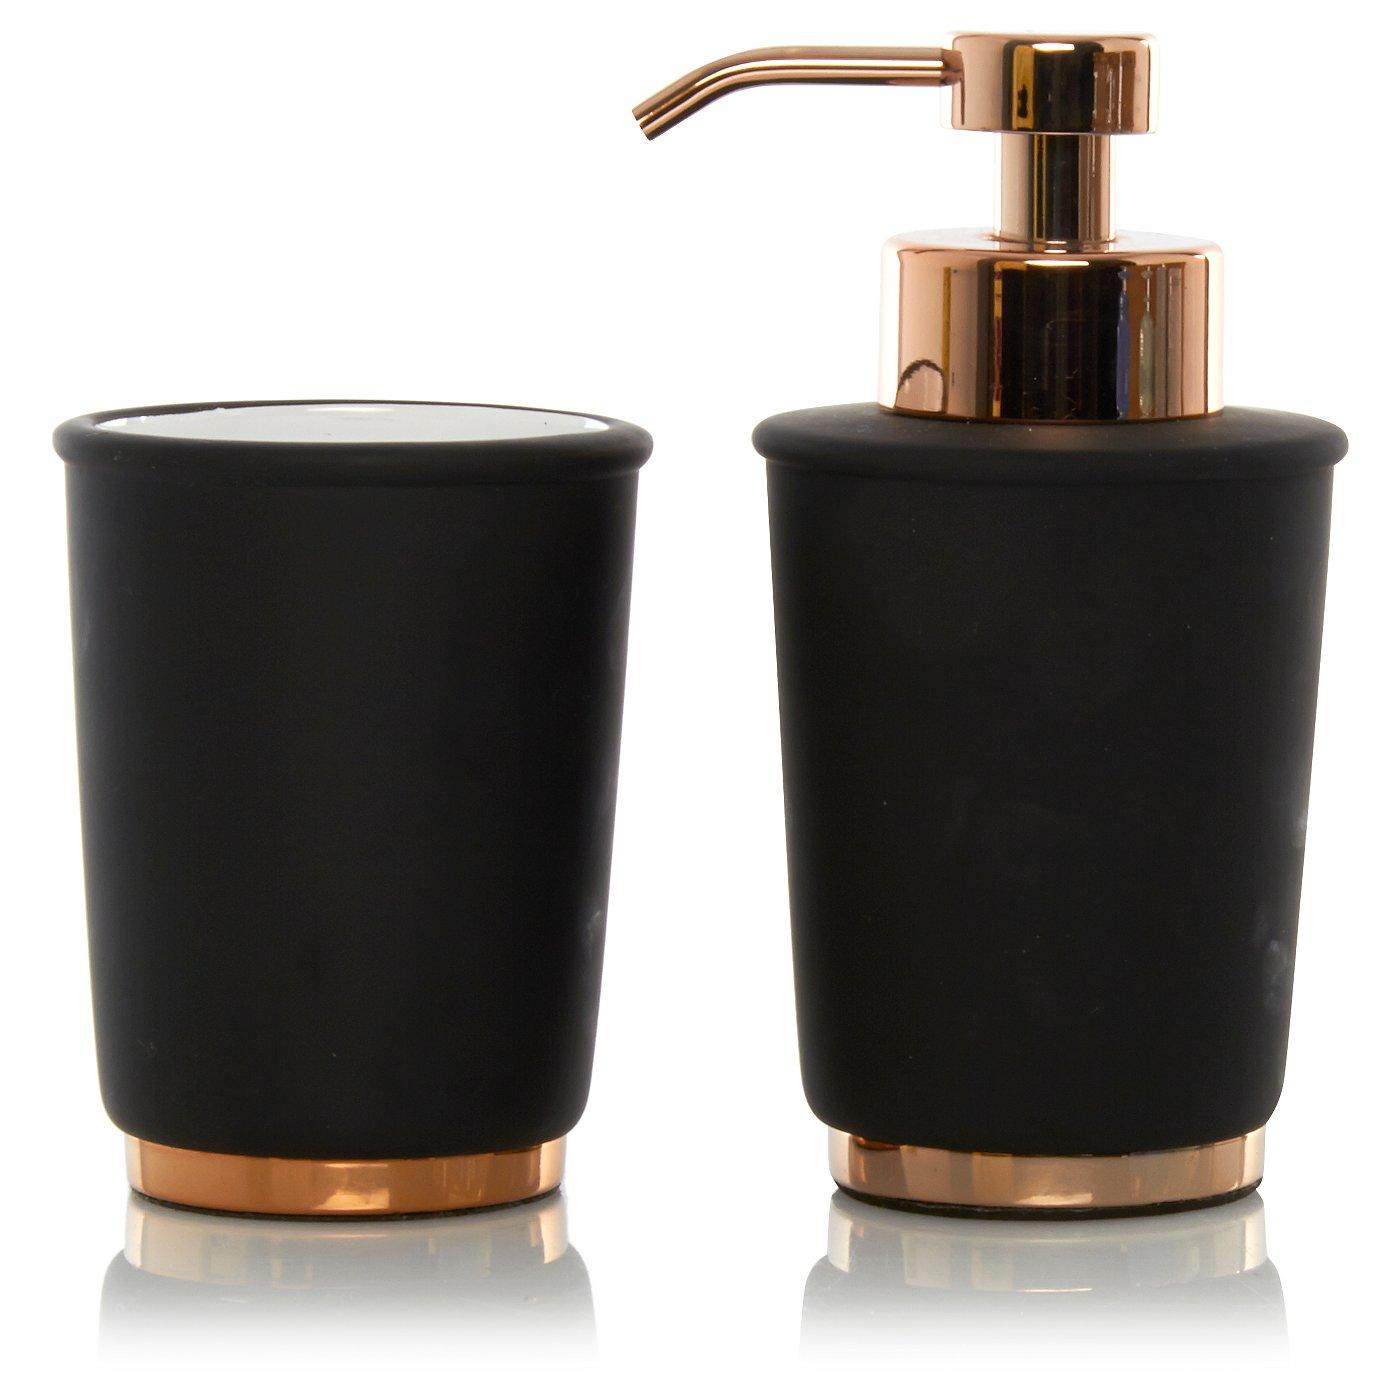 Bathroom accessories black - George Home Black Copper Bathroom Accessories Loading Zoom